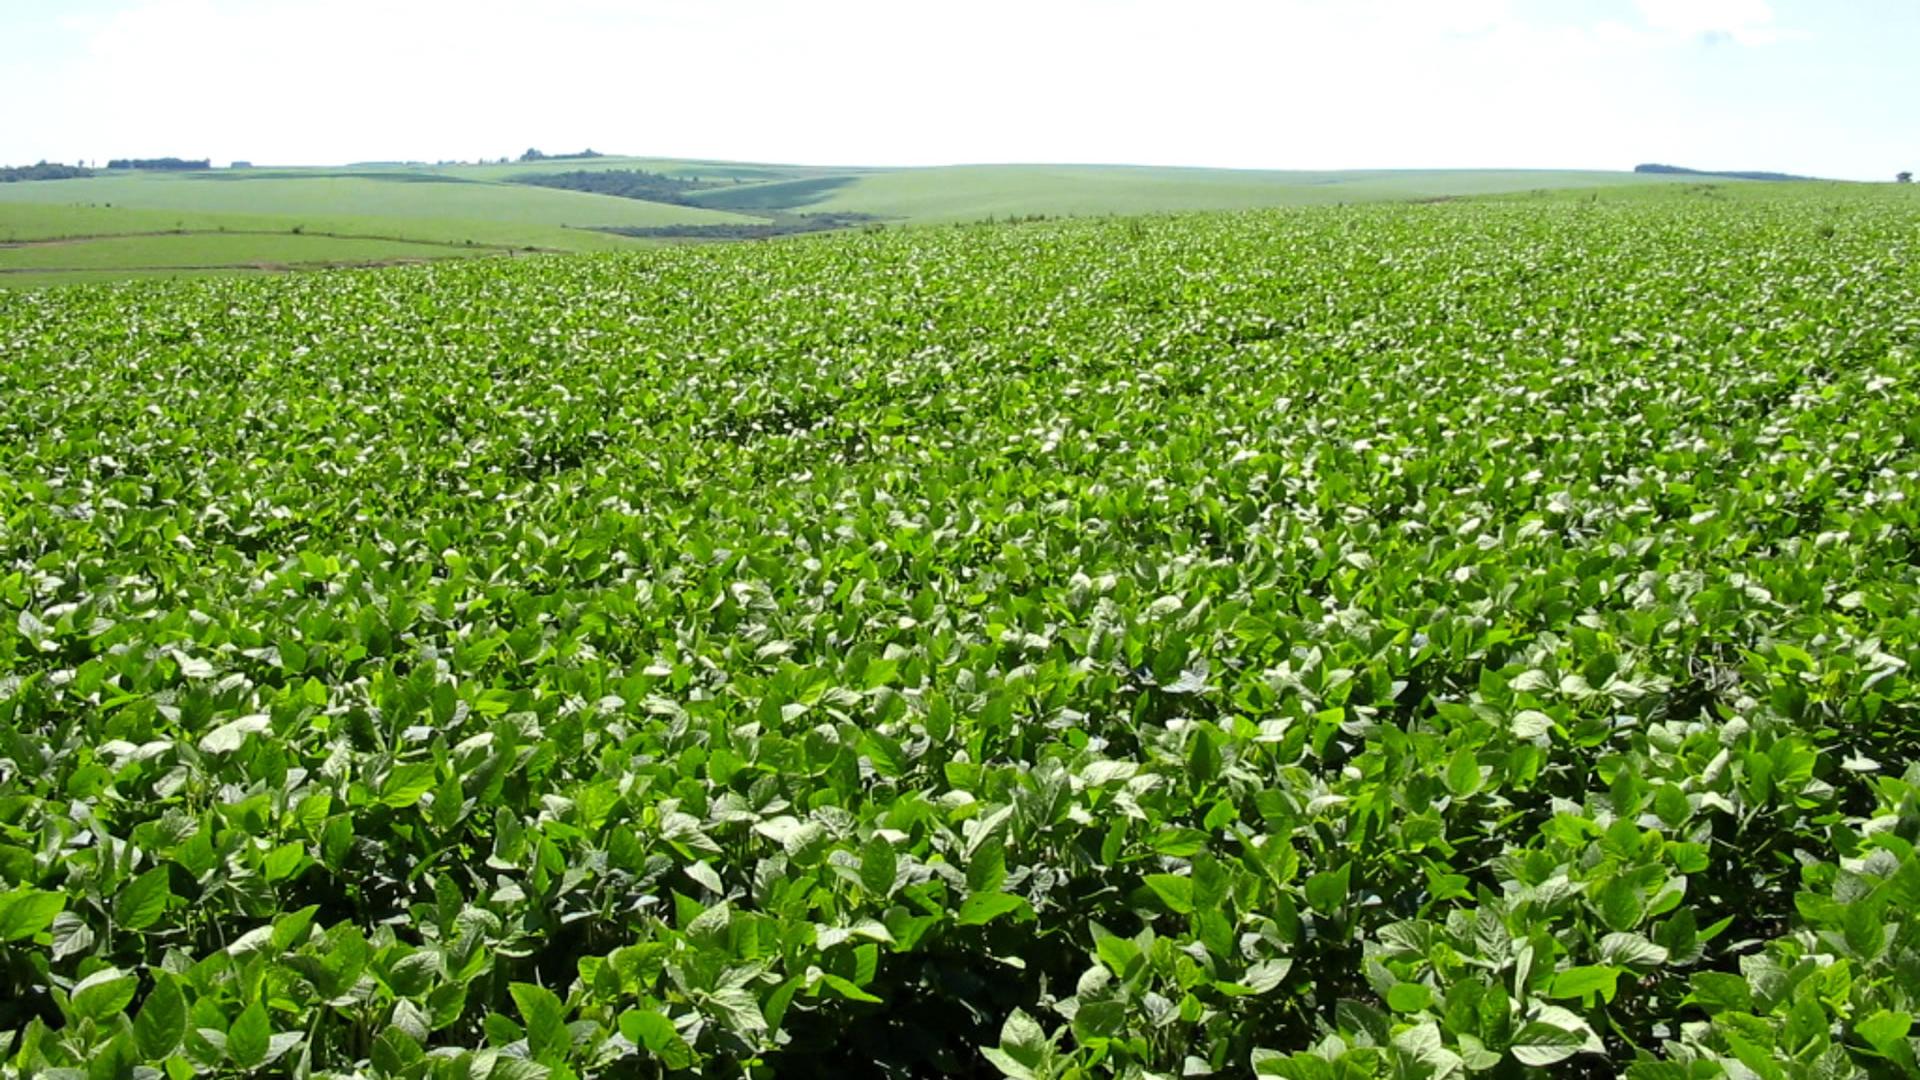 Fotos de granjas agricolas 53